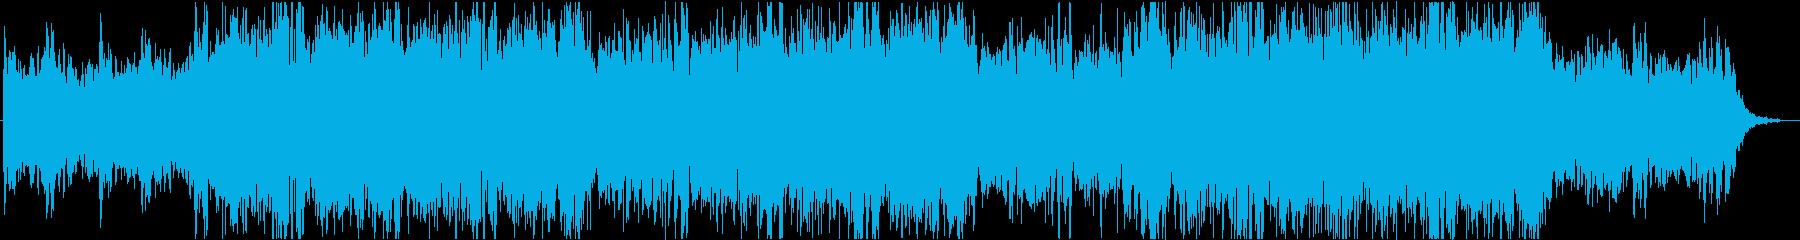 淡々とクールなテクノロジー感のあるBGMの再生済みの波形